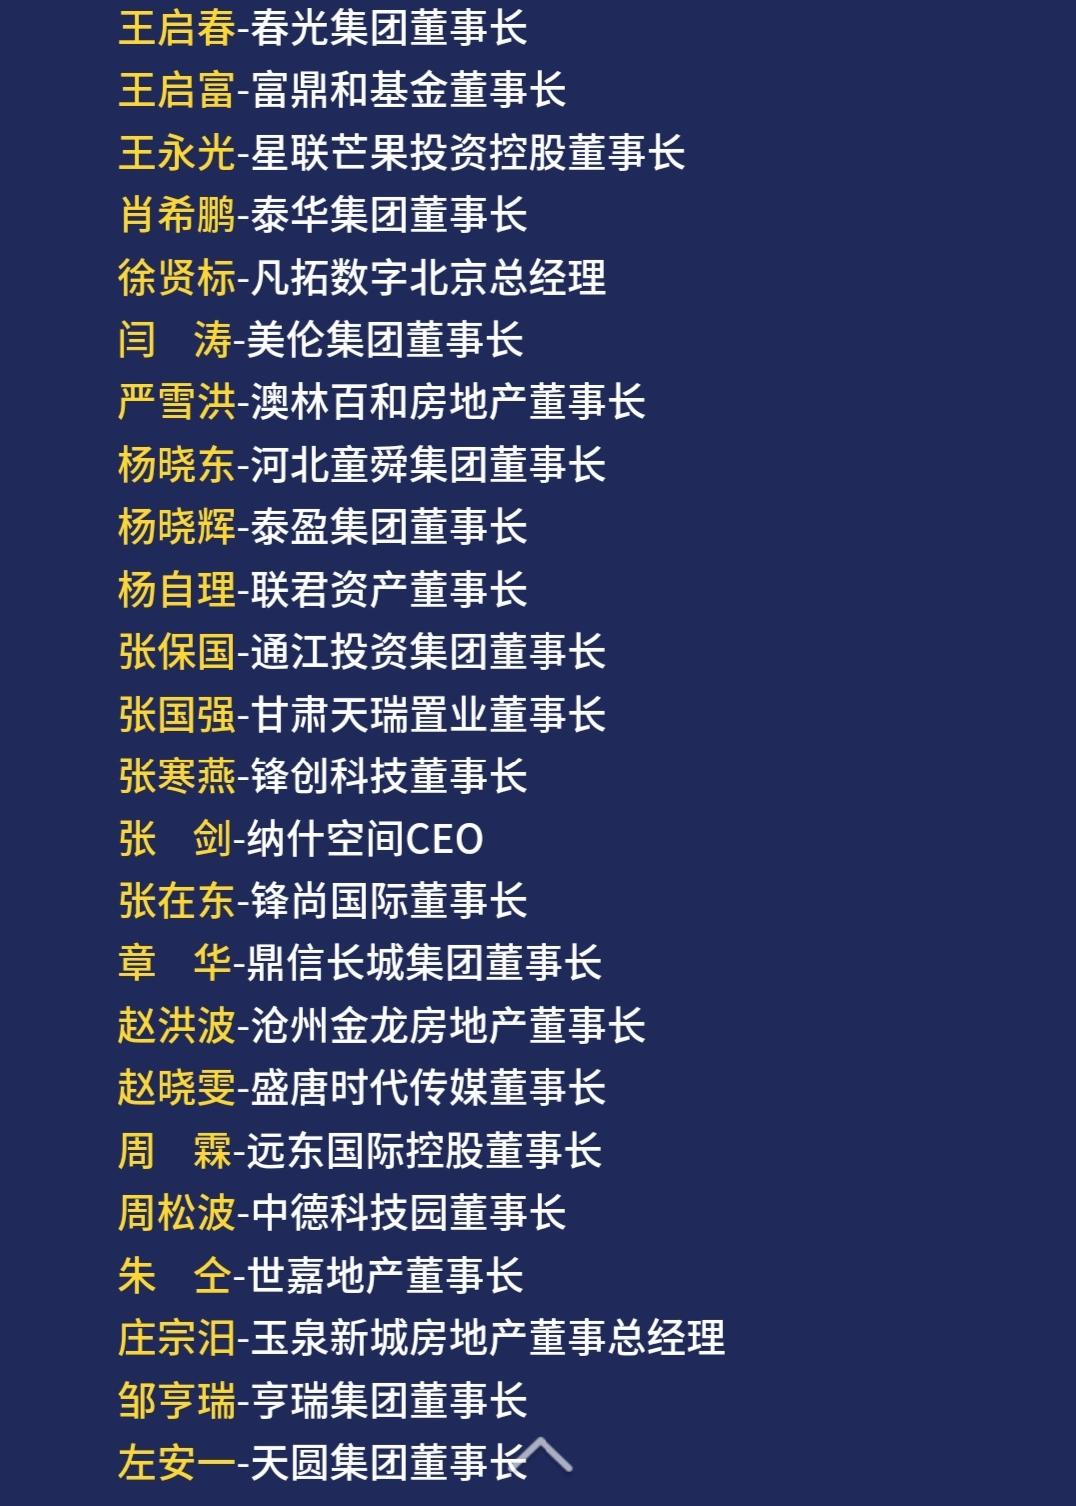 2018(第九届)中国地产领袖年会